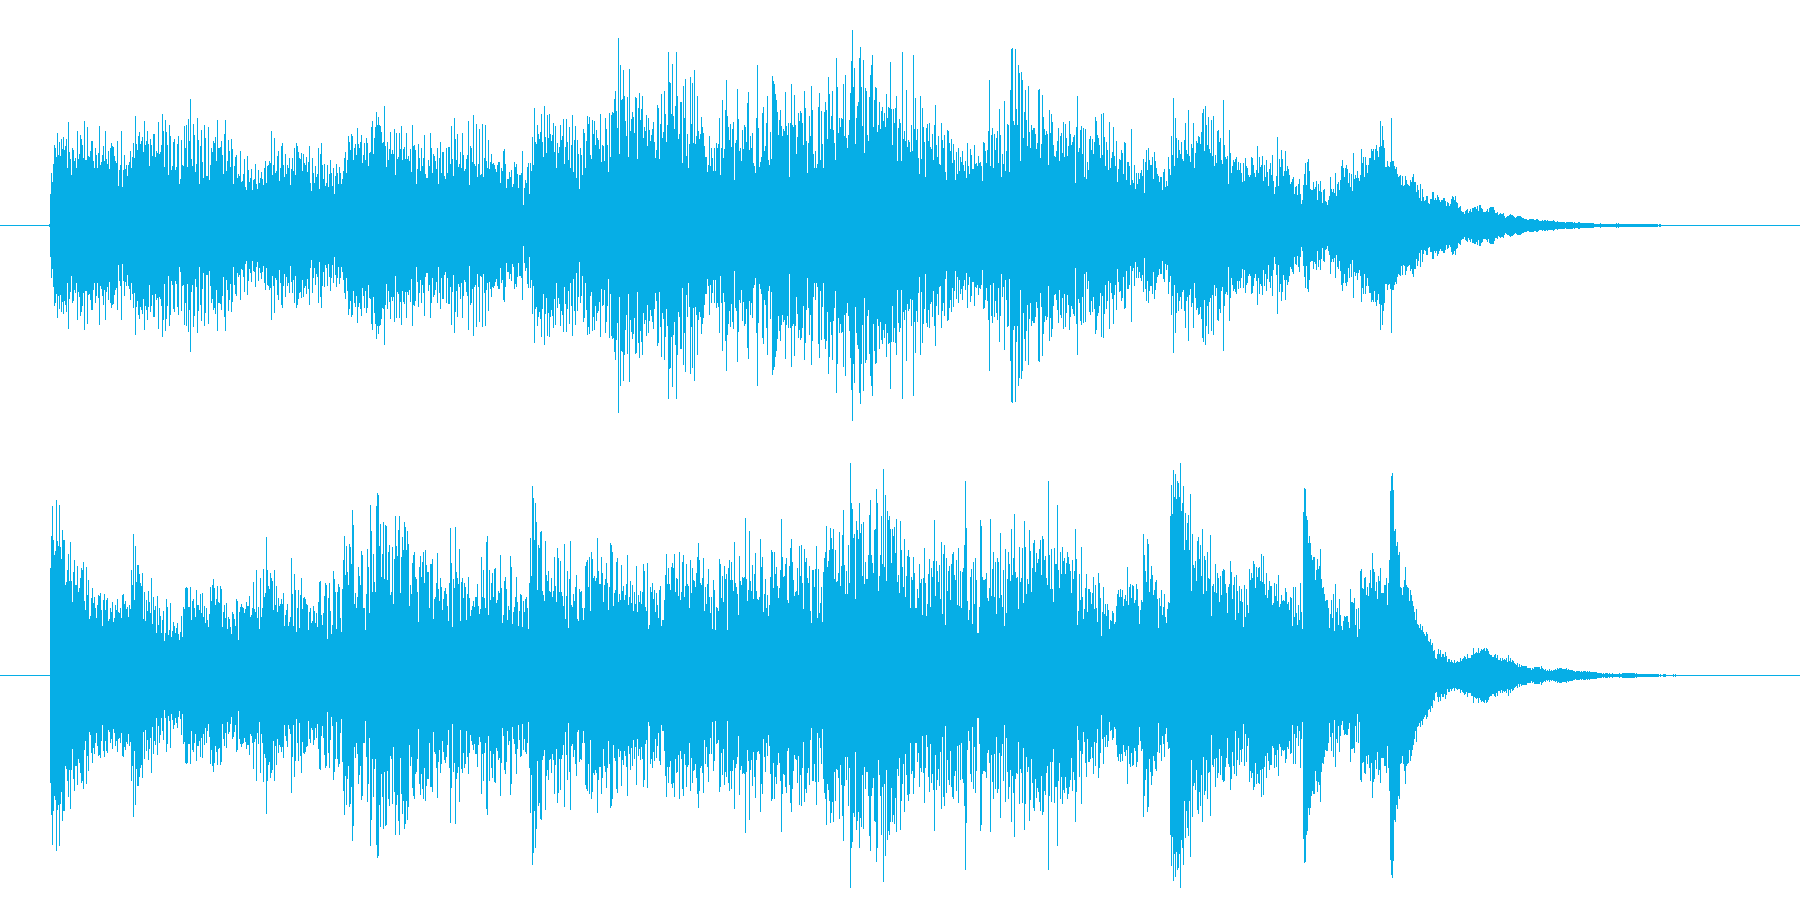 ピアノによるオシャレなサウンドロゴの再生済みの波形